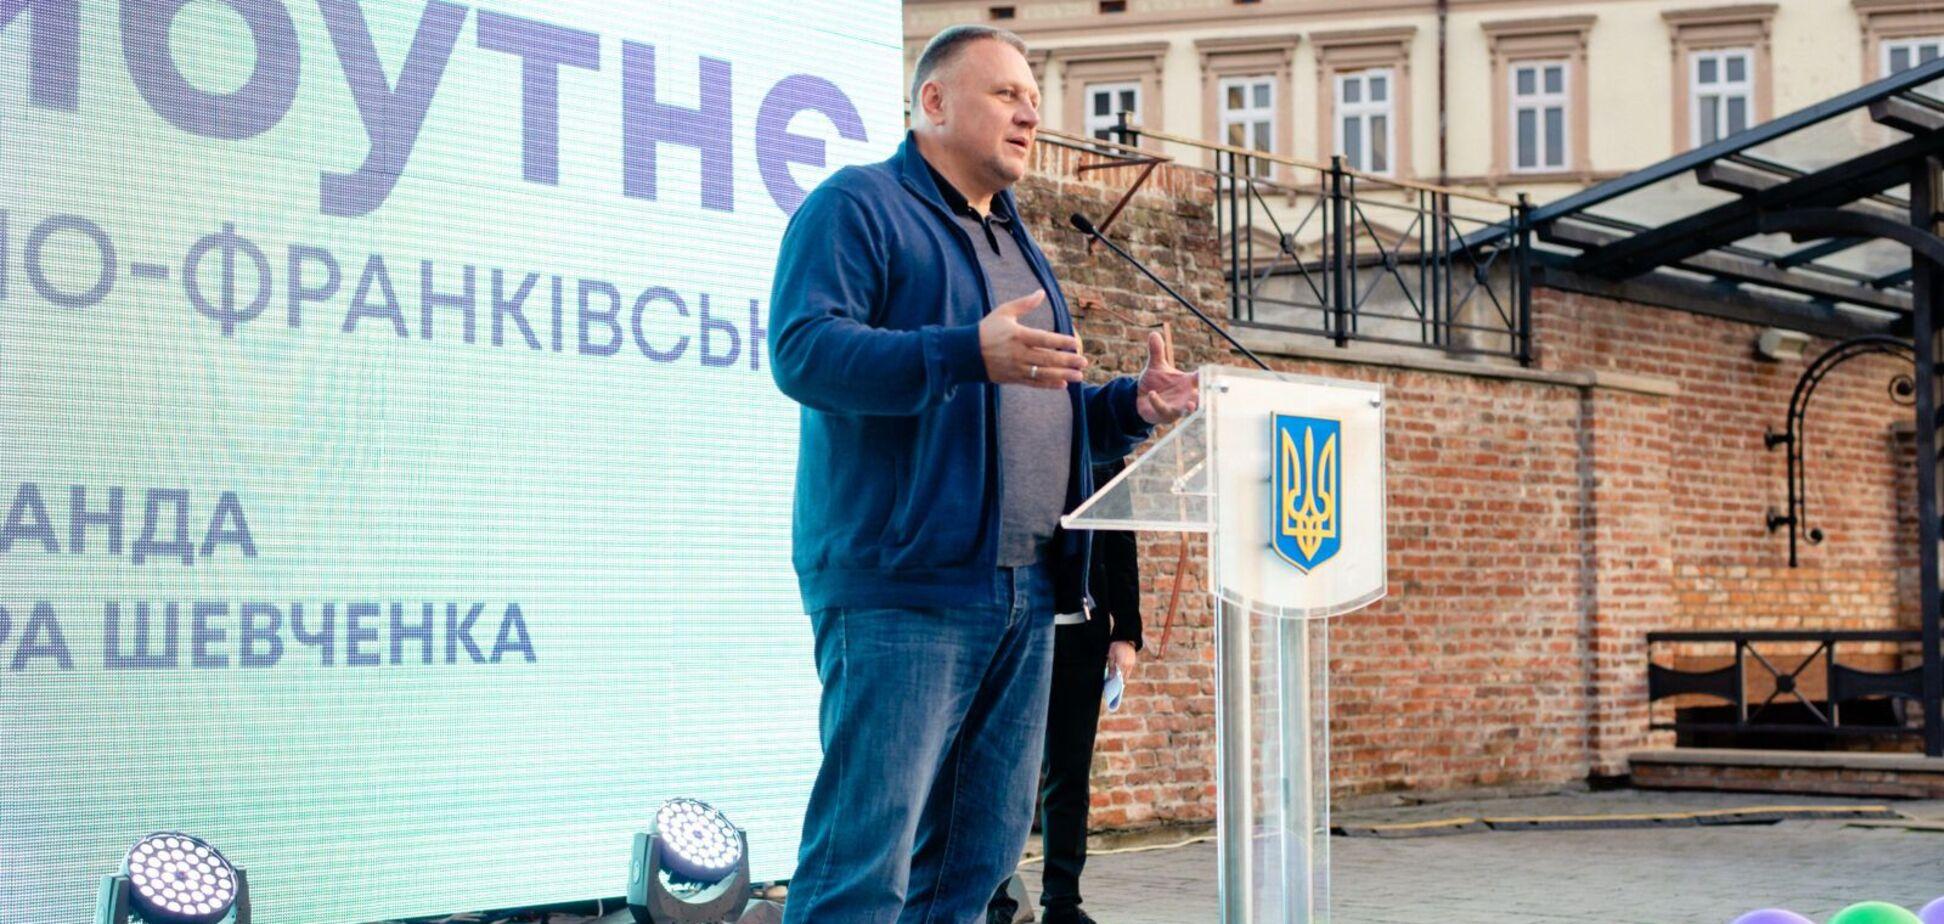 Шевченко пожаловался, что его лишили шансов на победу в 87 округе